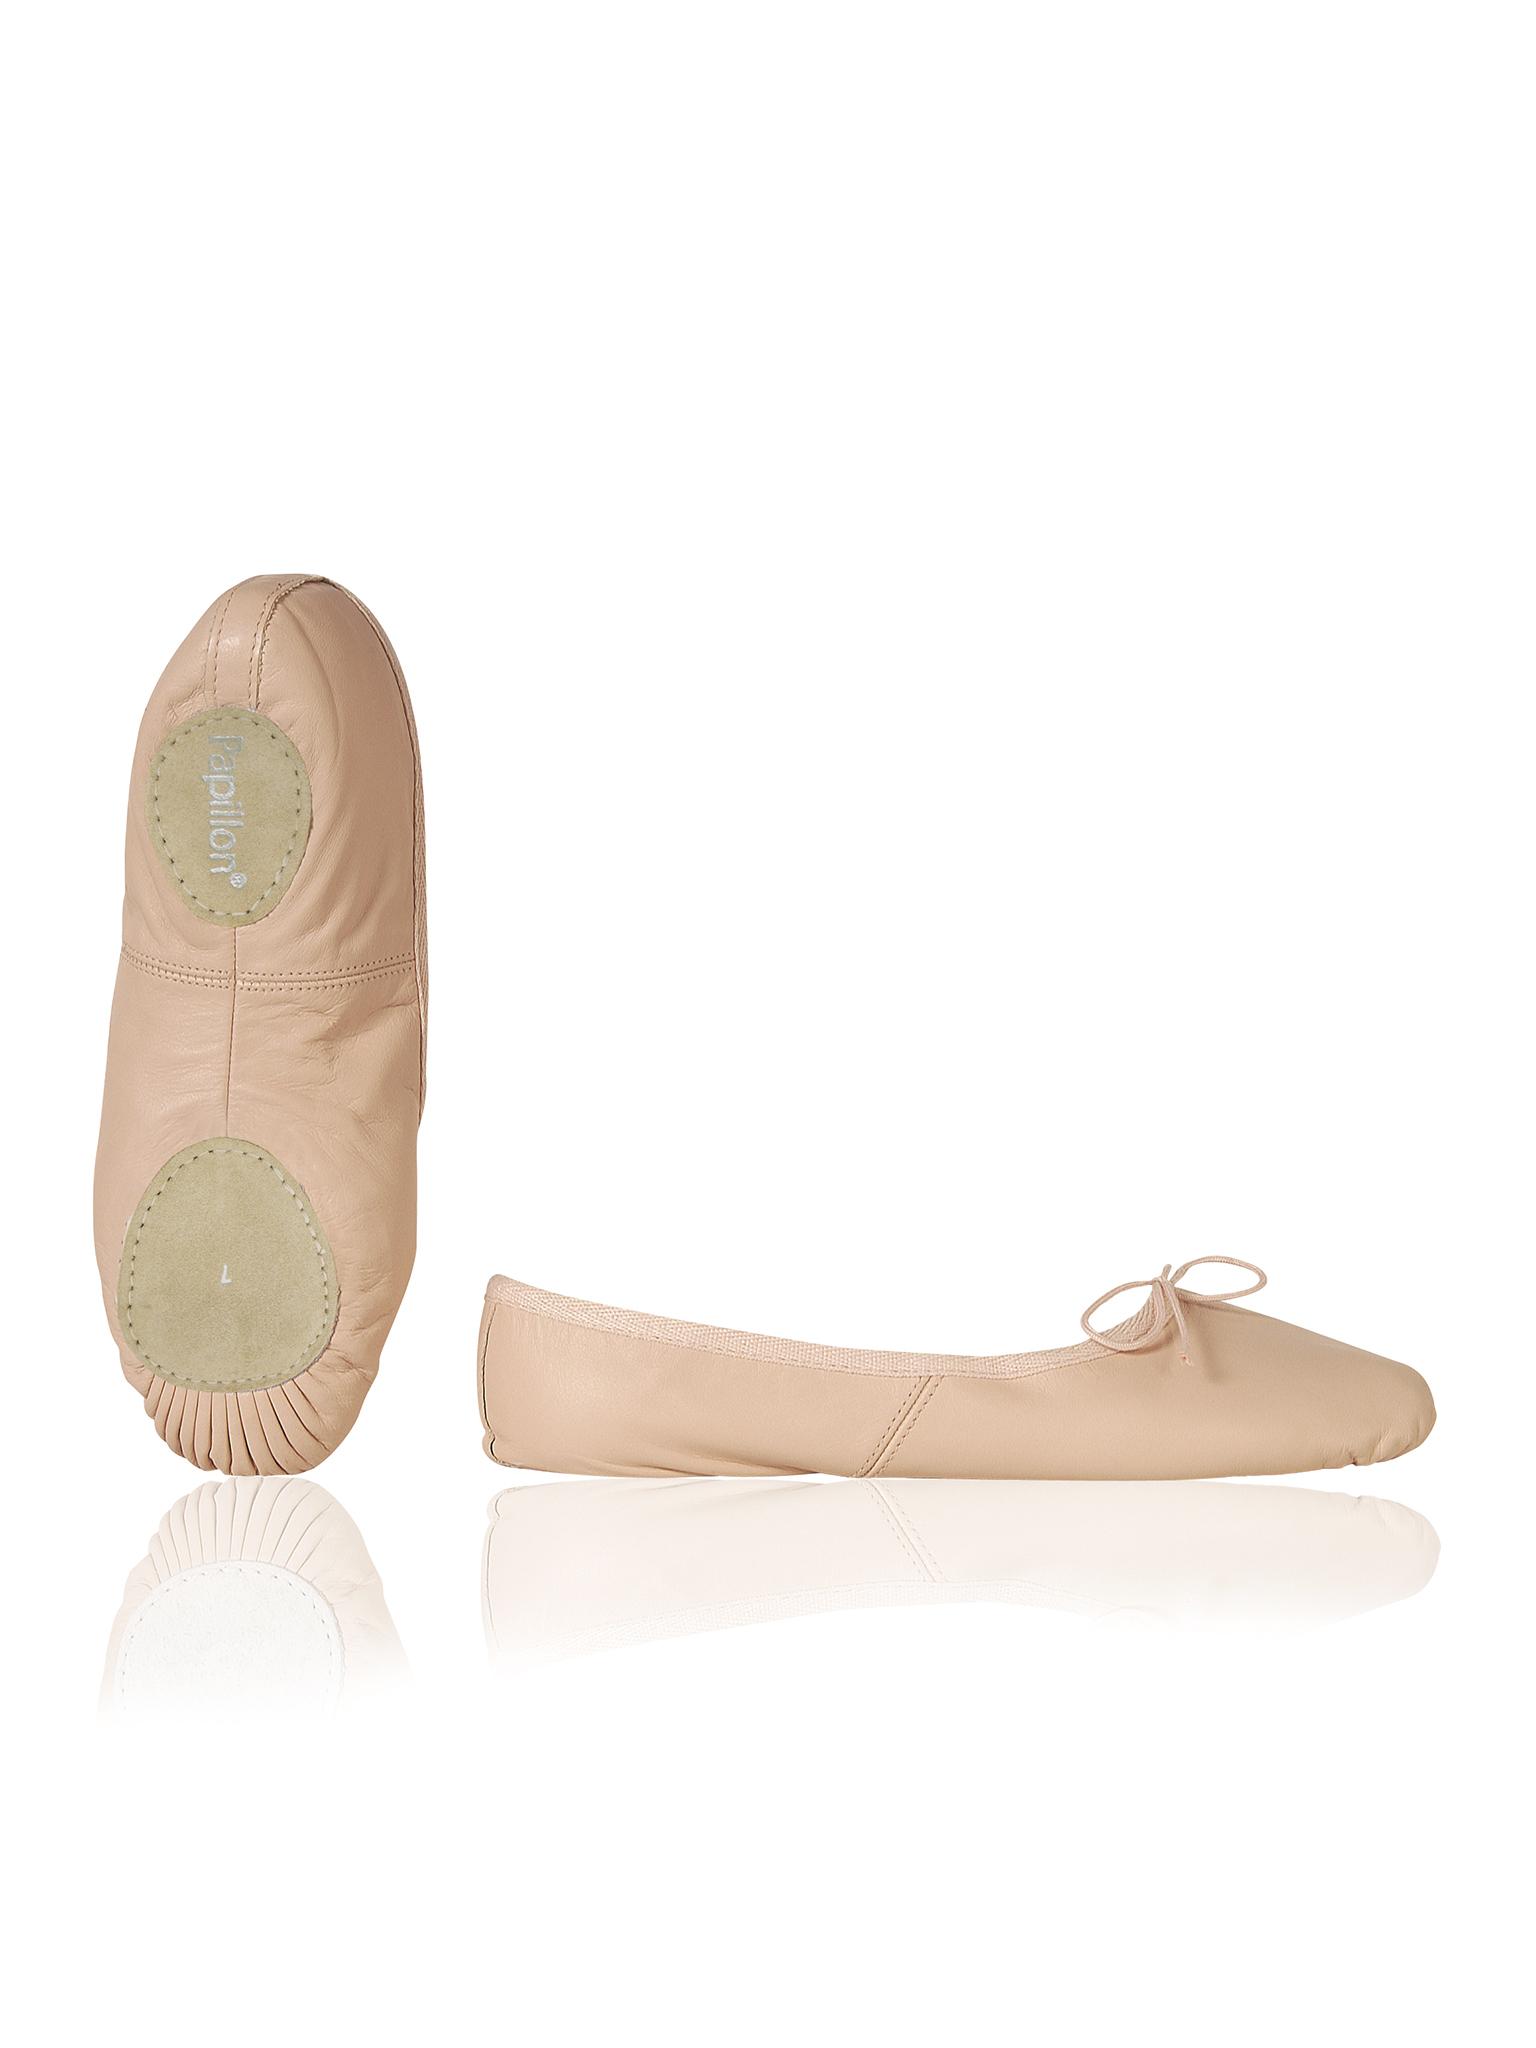 Image of   Papillon Ballet sko Mørk lærred split sål Kvinder - Pink - 45